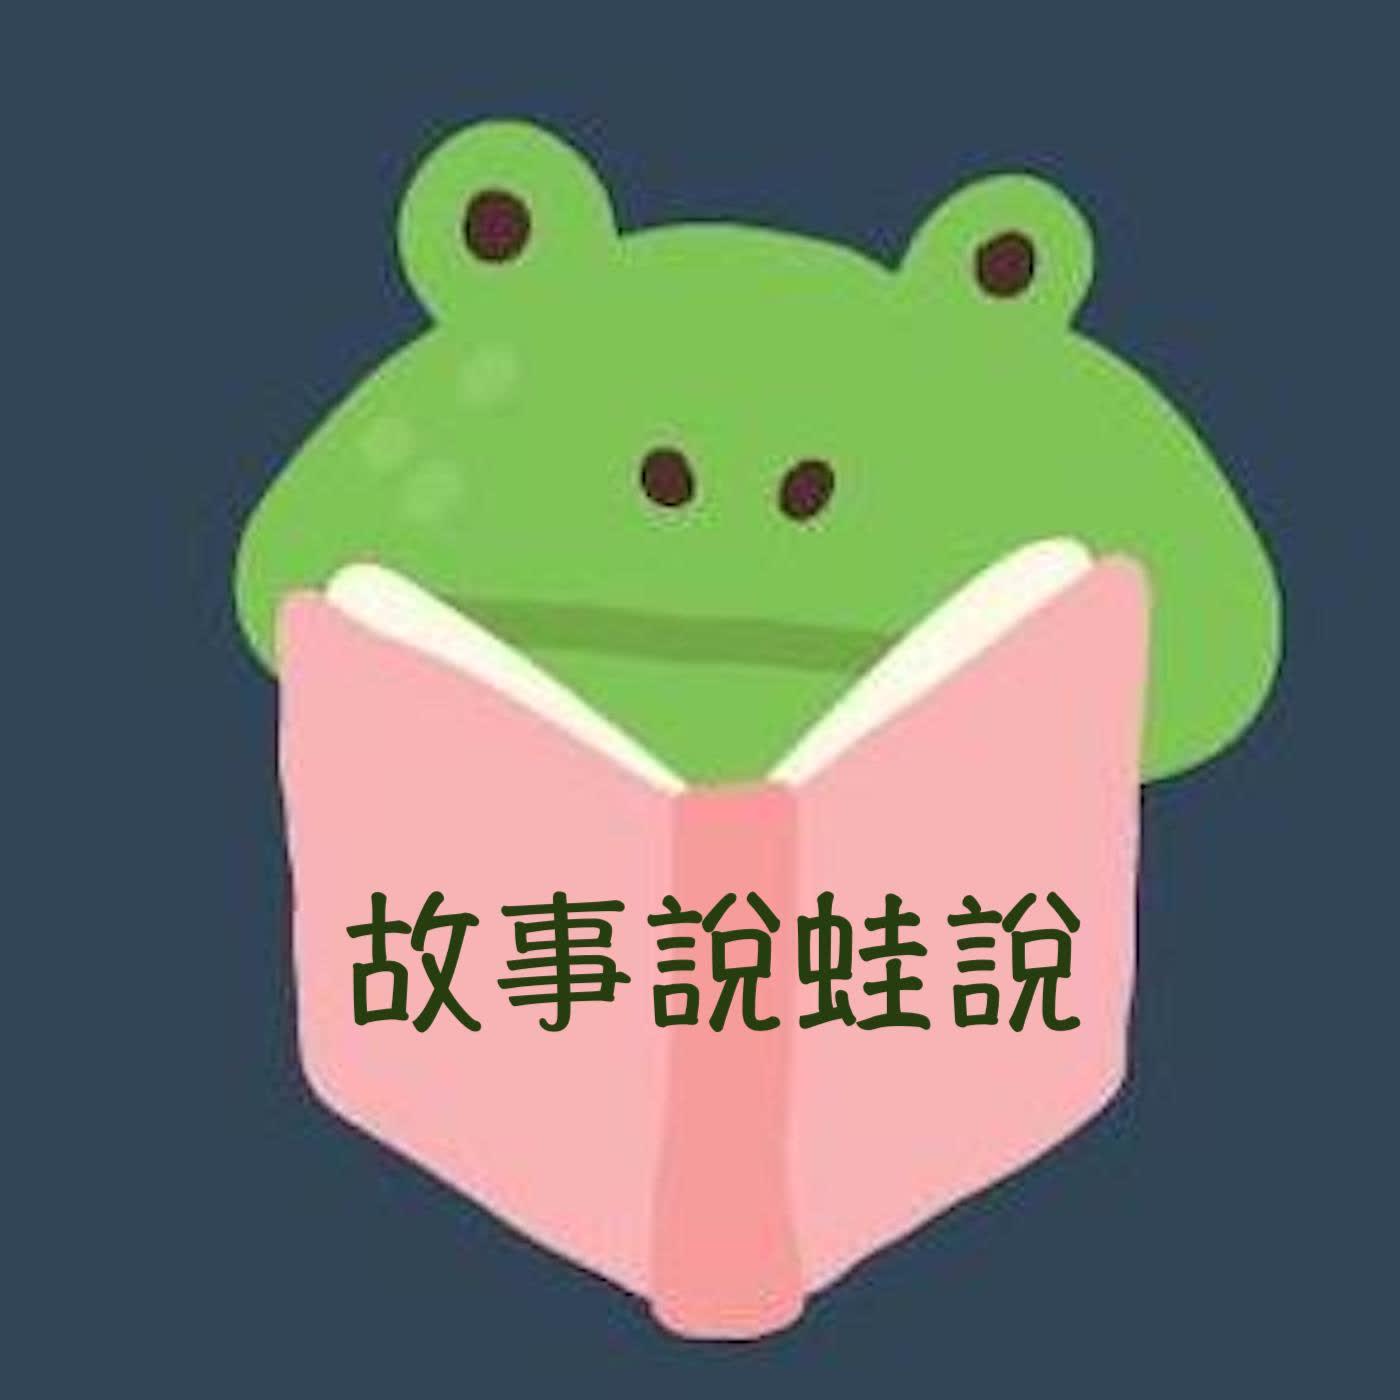 故事說蛙說